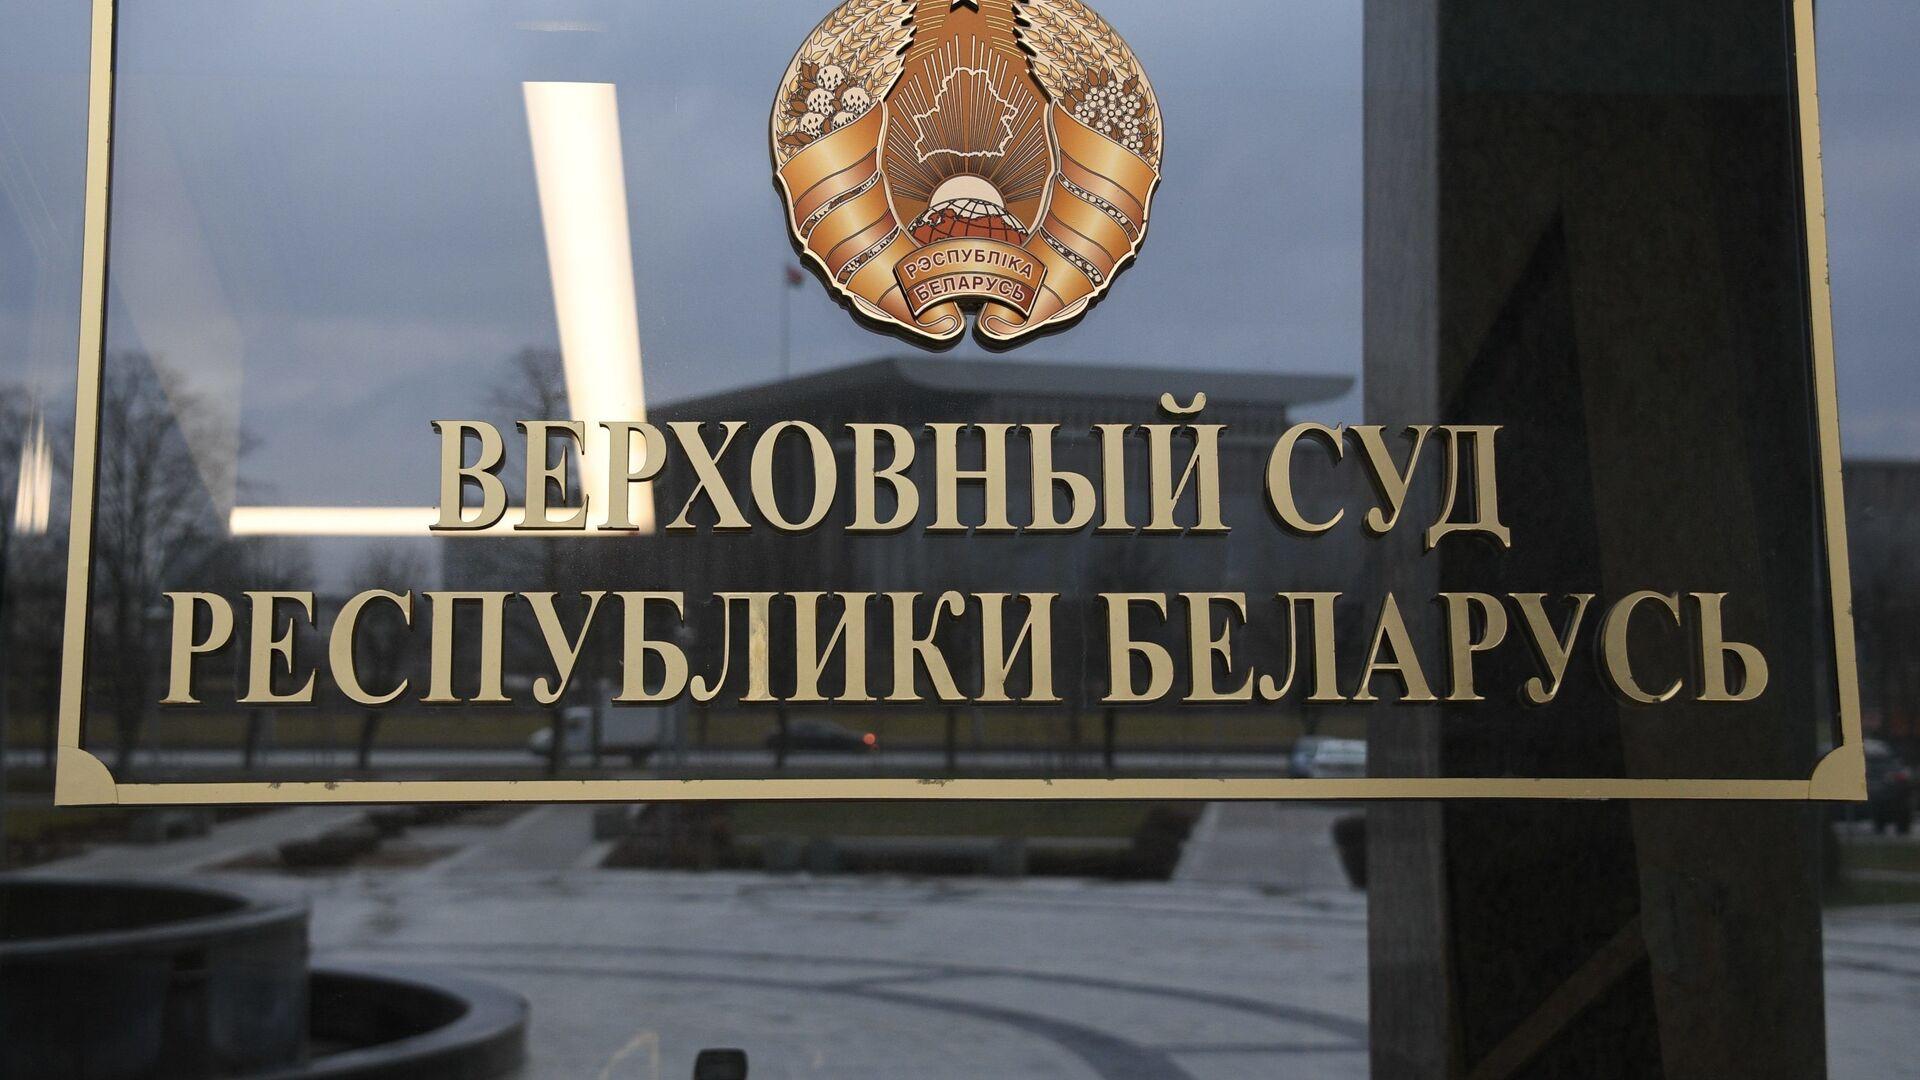 Верховный суд, архивное фото - Sputnik Беларусь, 1920, 01.10.2021